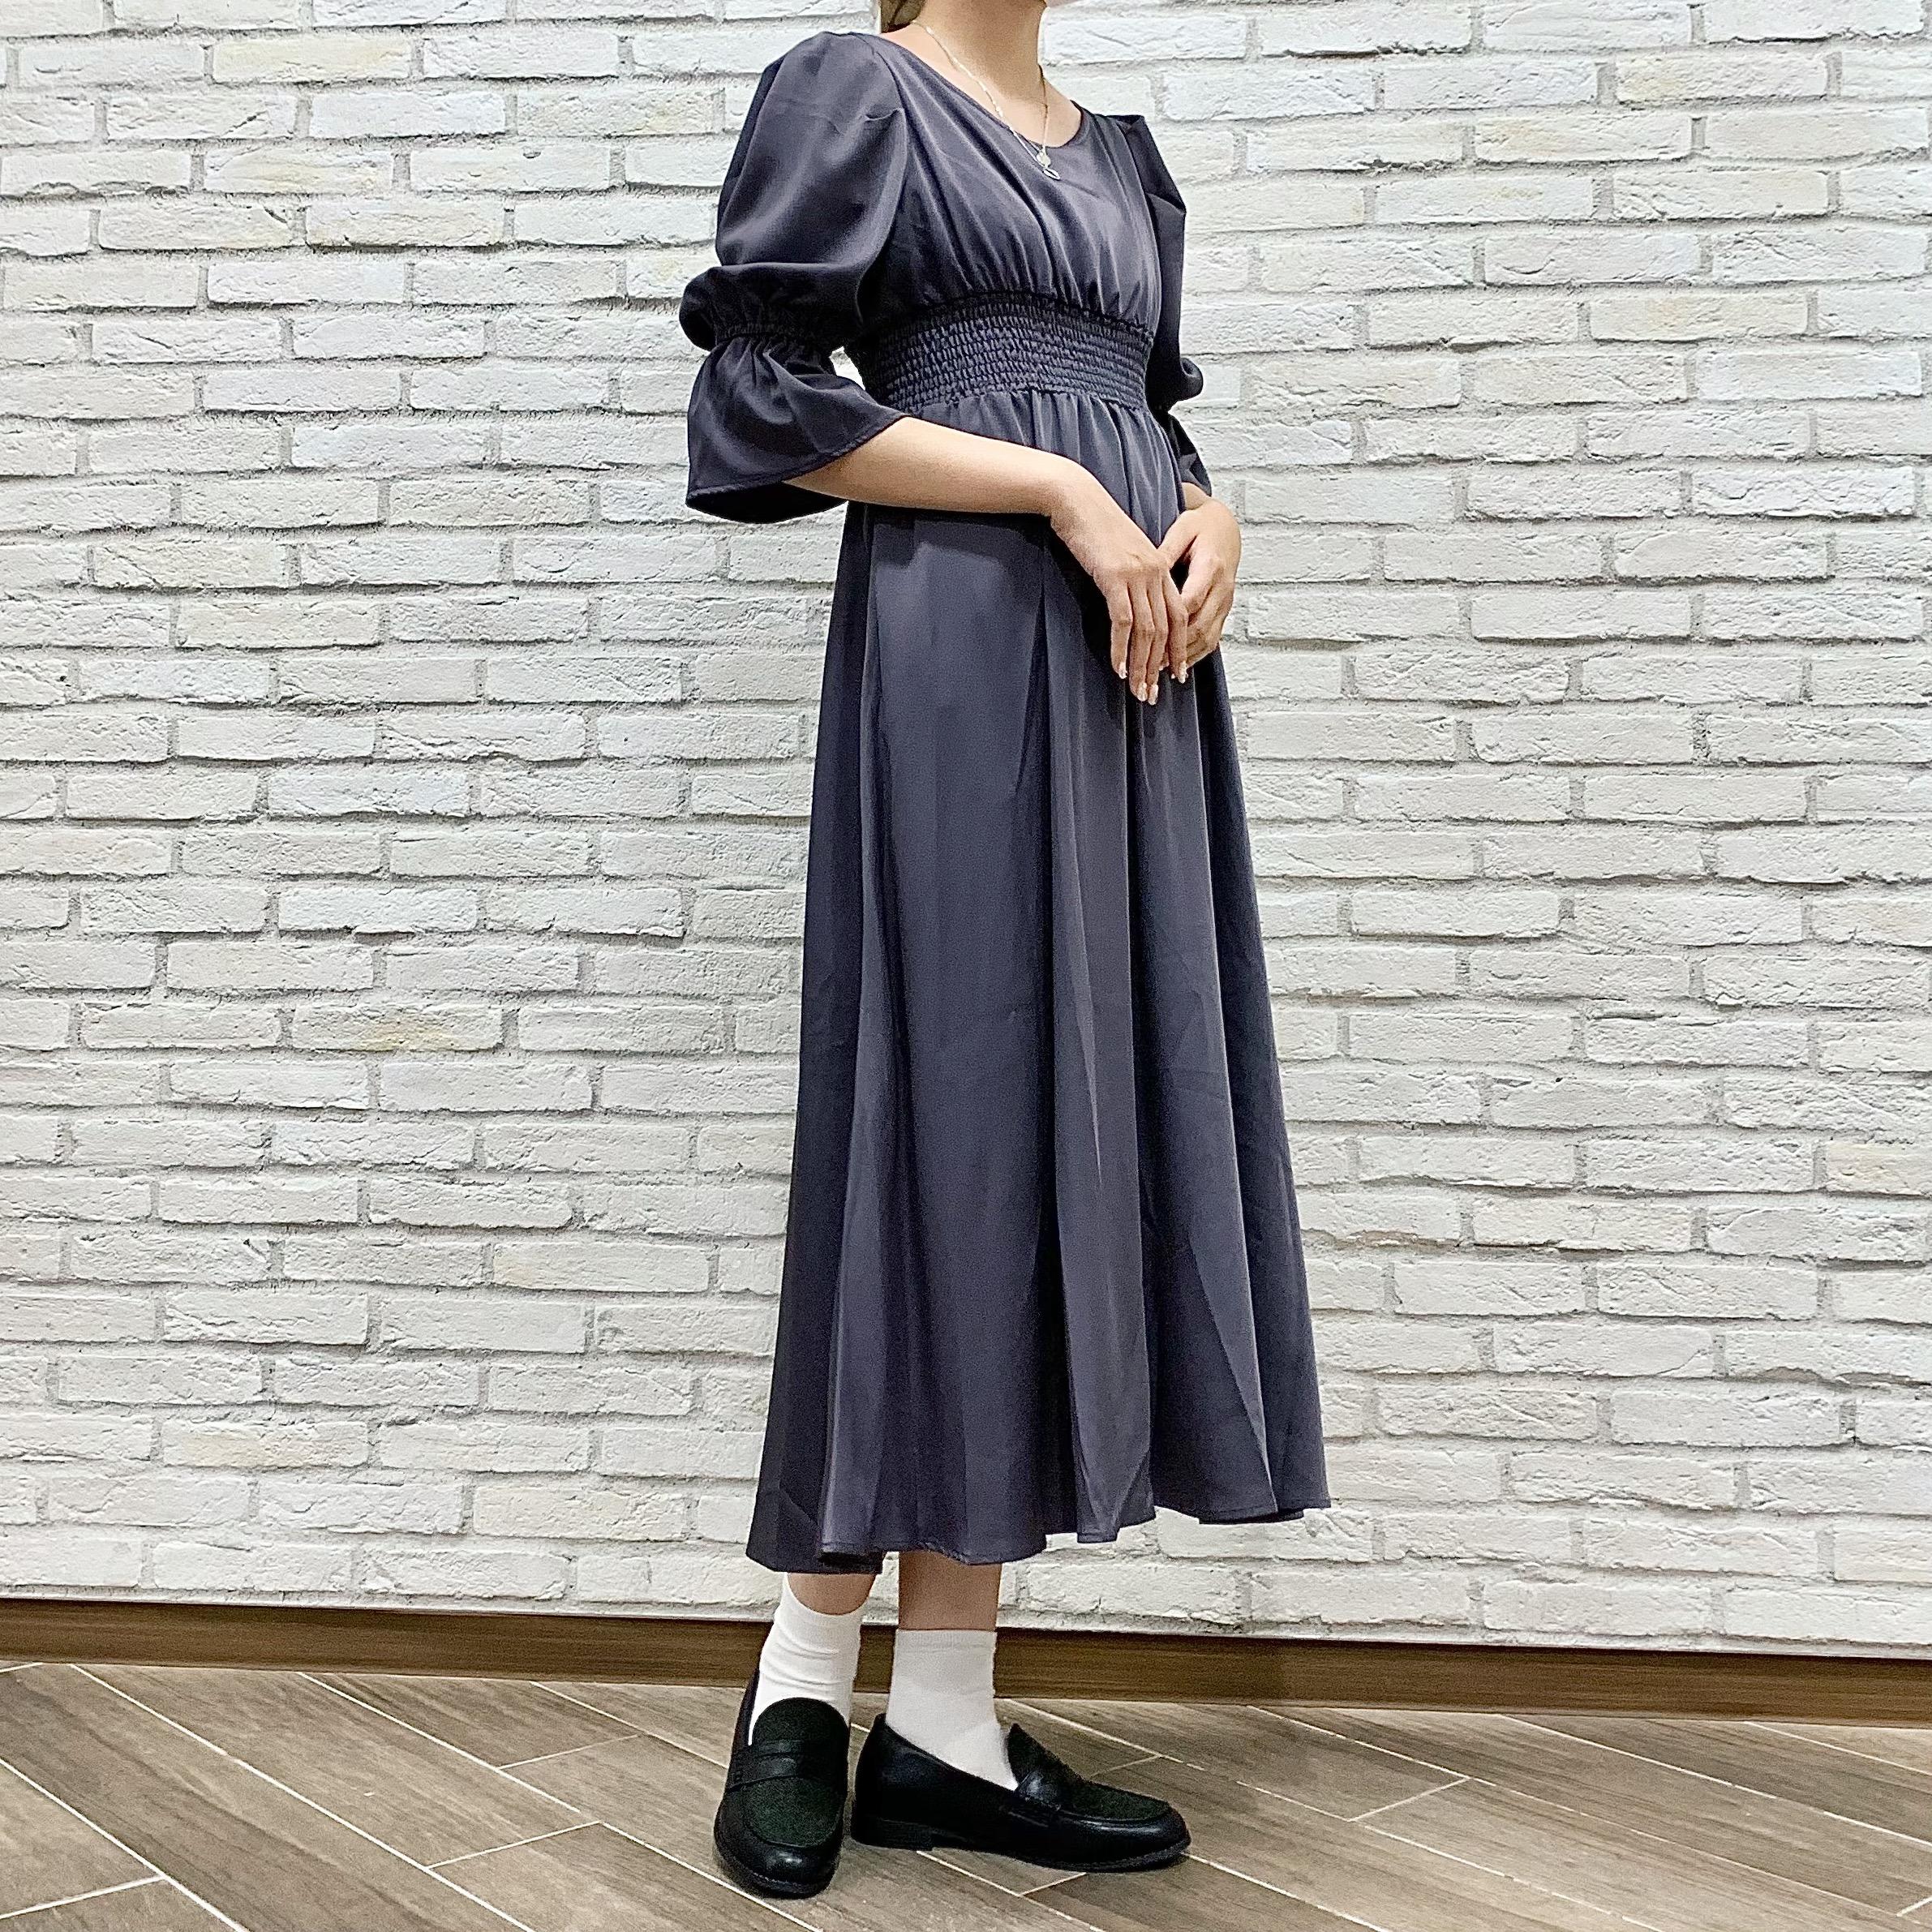 【LOVE ME…S+】秋にぴったり💛新作シャーリングワンピースのご紹介